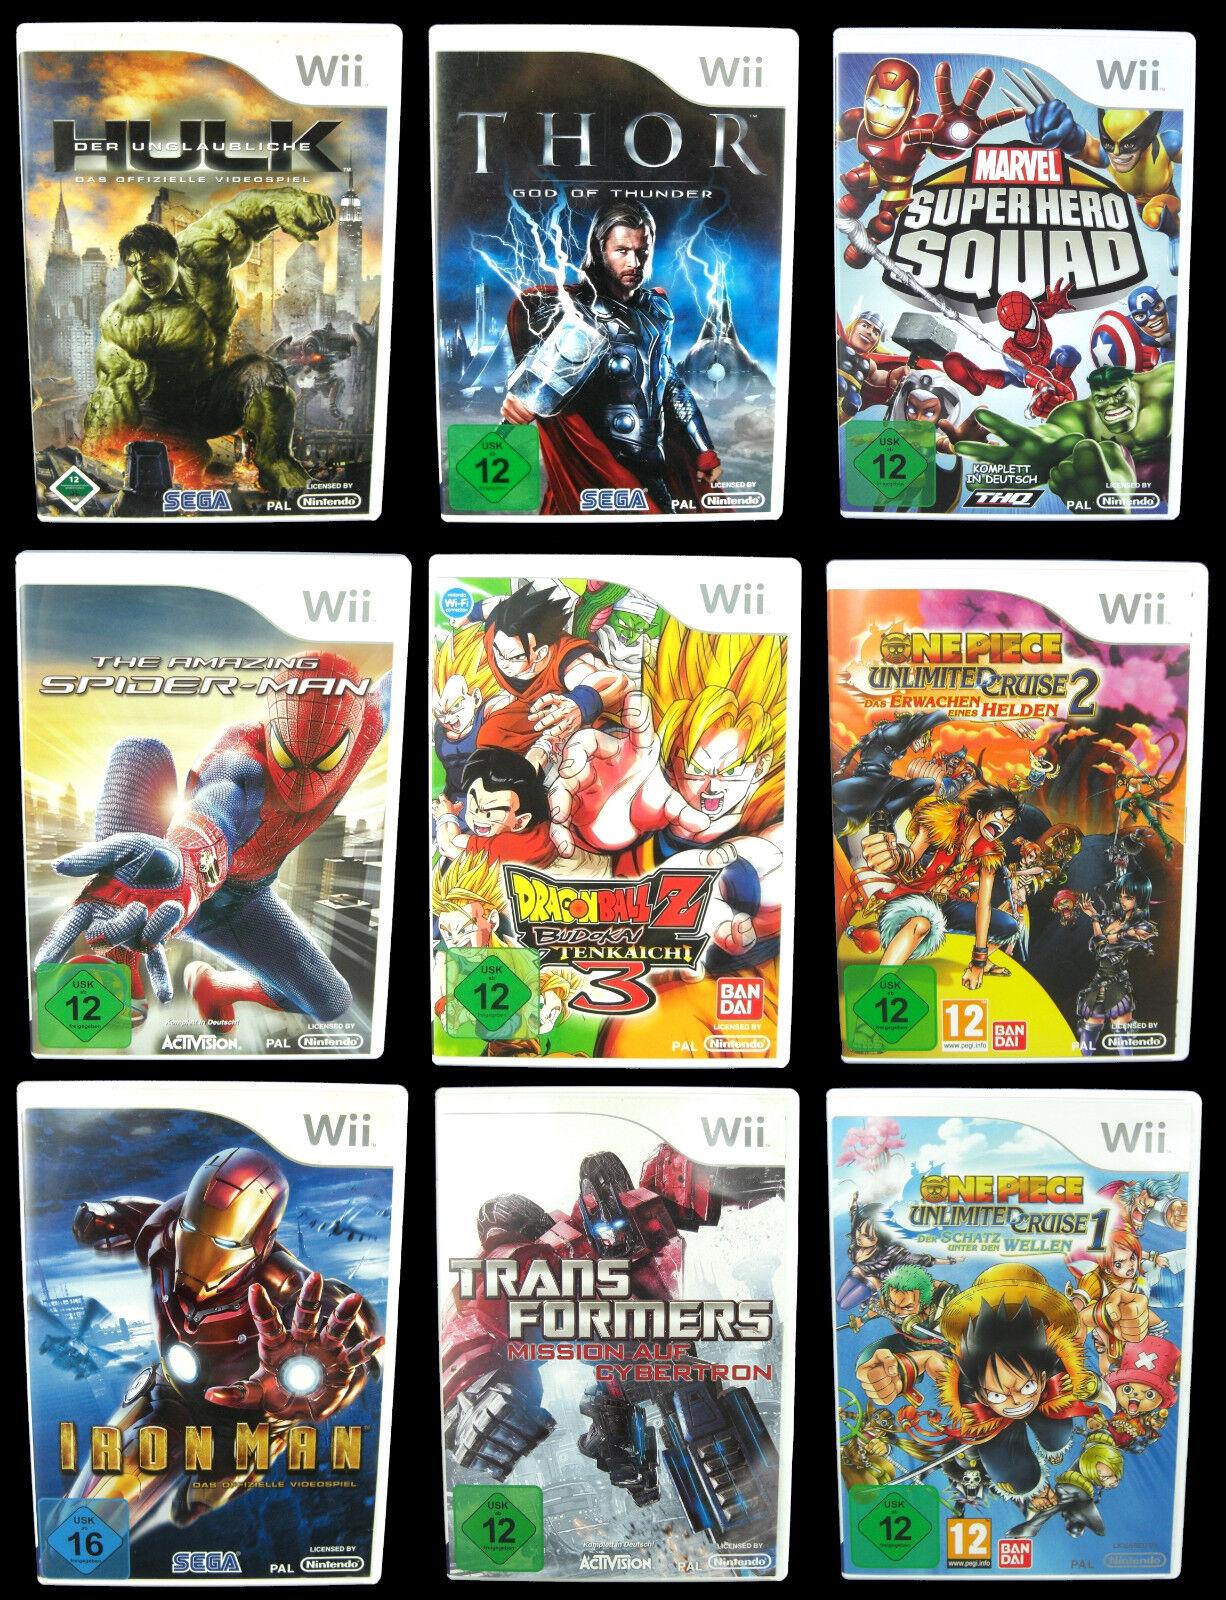 ACTION-Spiele für Nintendo Wii: Harry Potter, One Piece, X-Men, Dragonball